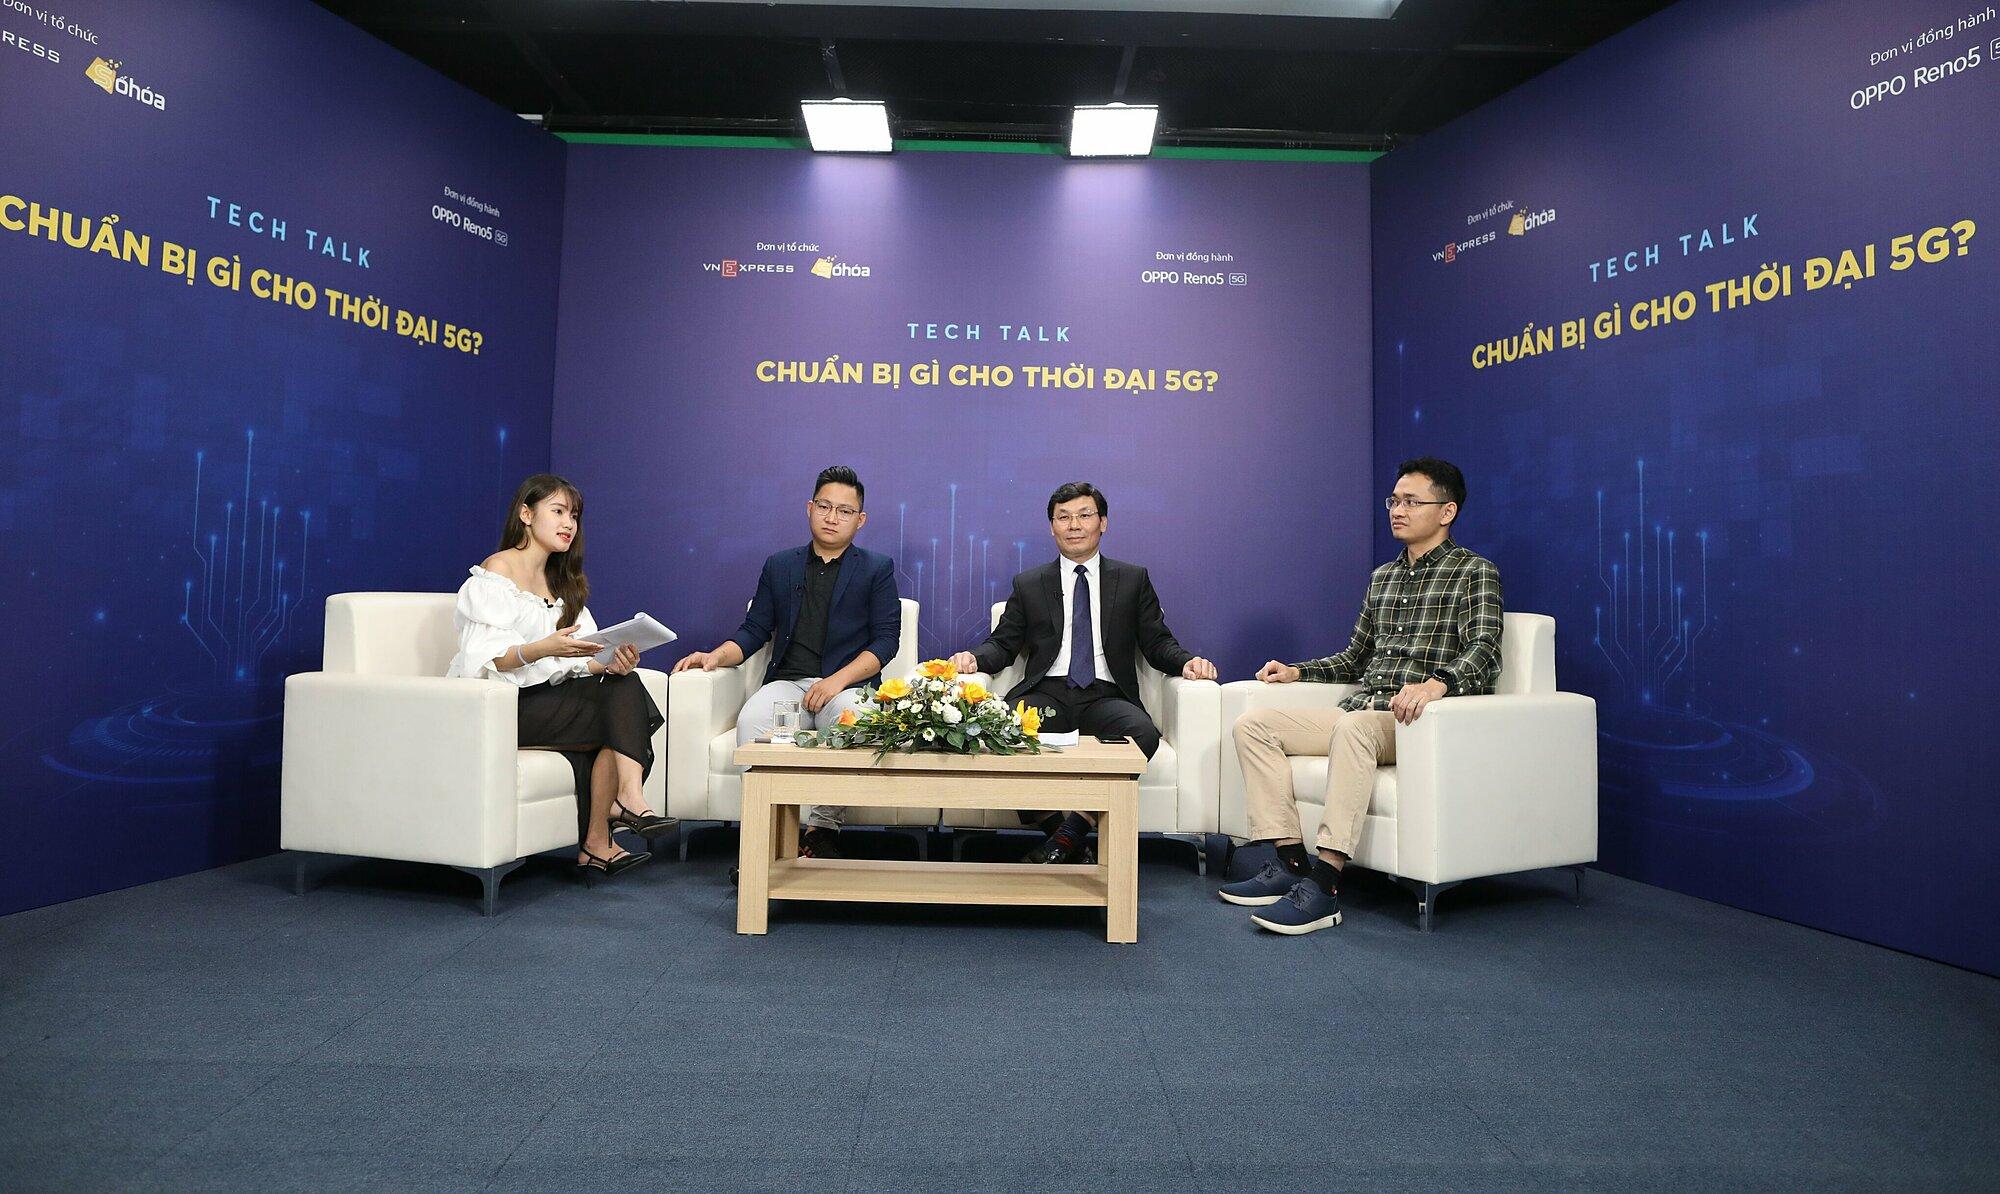 Đại diện MobiFone (thứ hai từ phải qua) tham gia tọa đàm Chuẩn bị gì cho thời đại 5G do Báo điện tử VnExpress tổ chức hồi tháng 3.